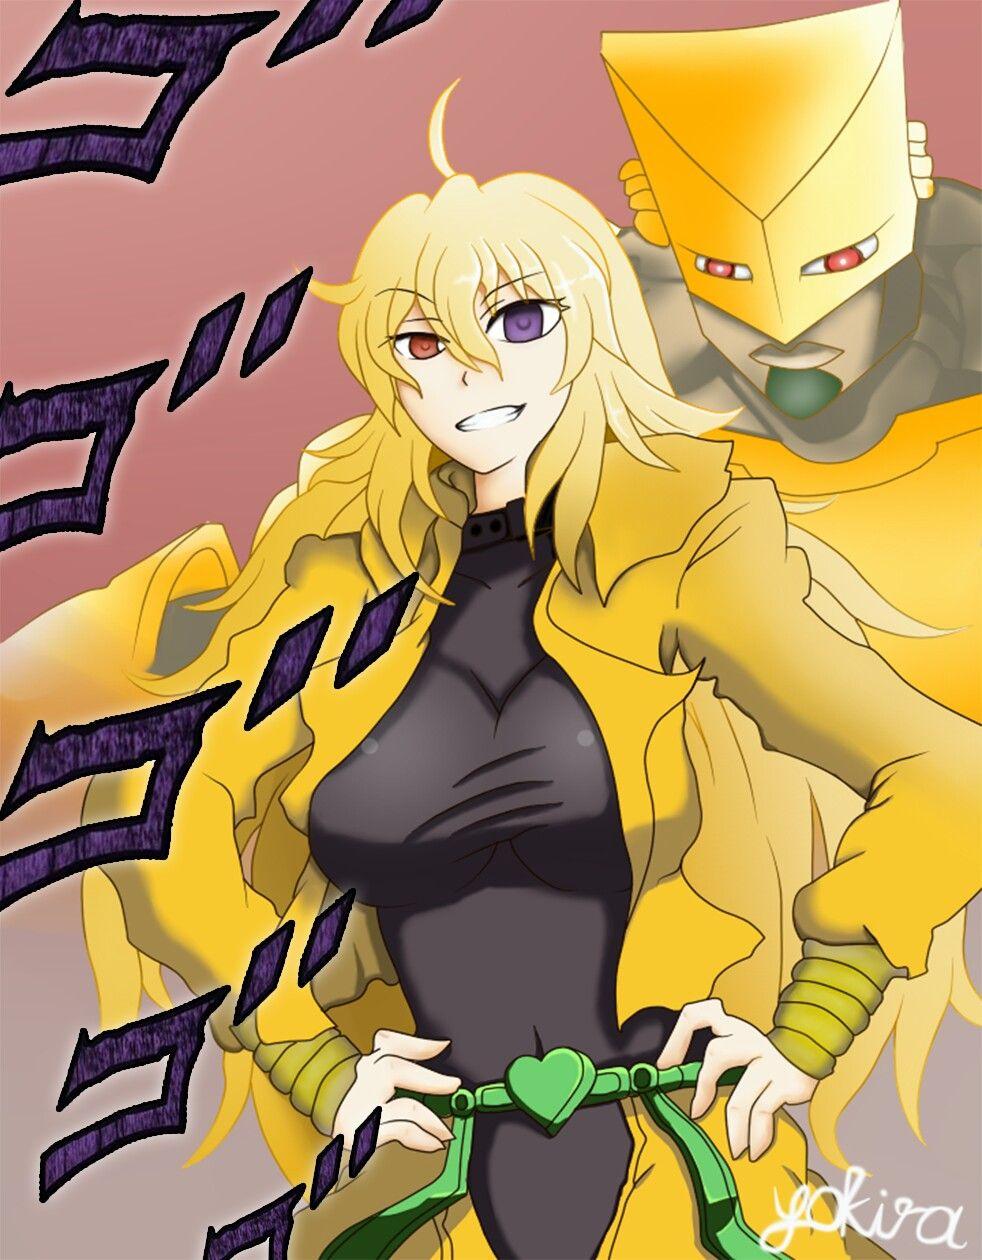 Yang as Dio from Jojo's Bizarre Adventure | RWBY | Rwby